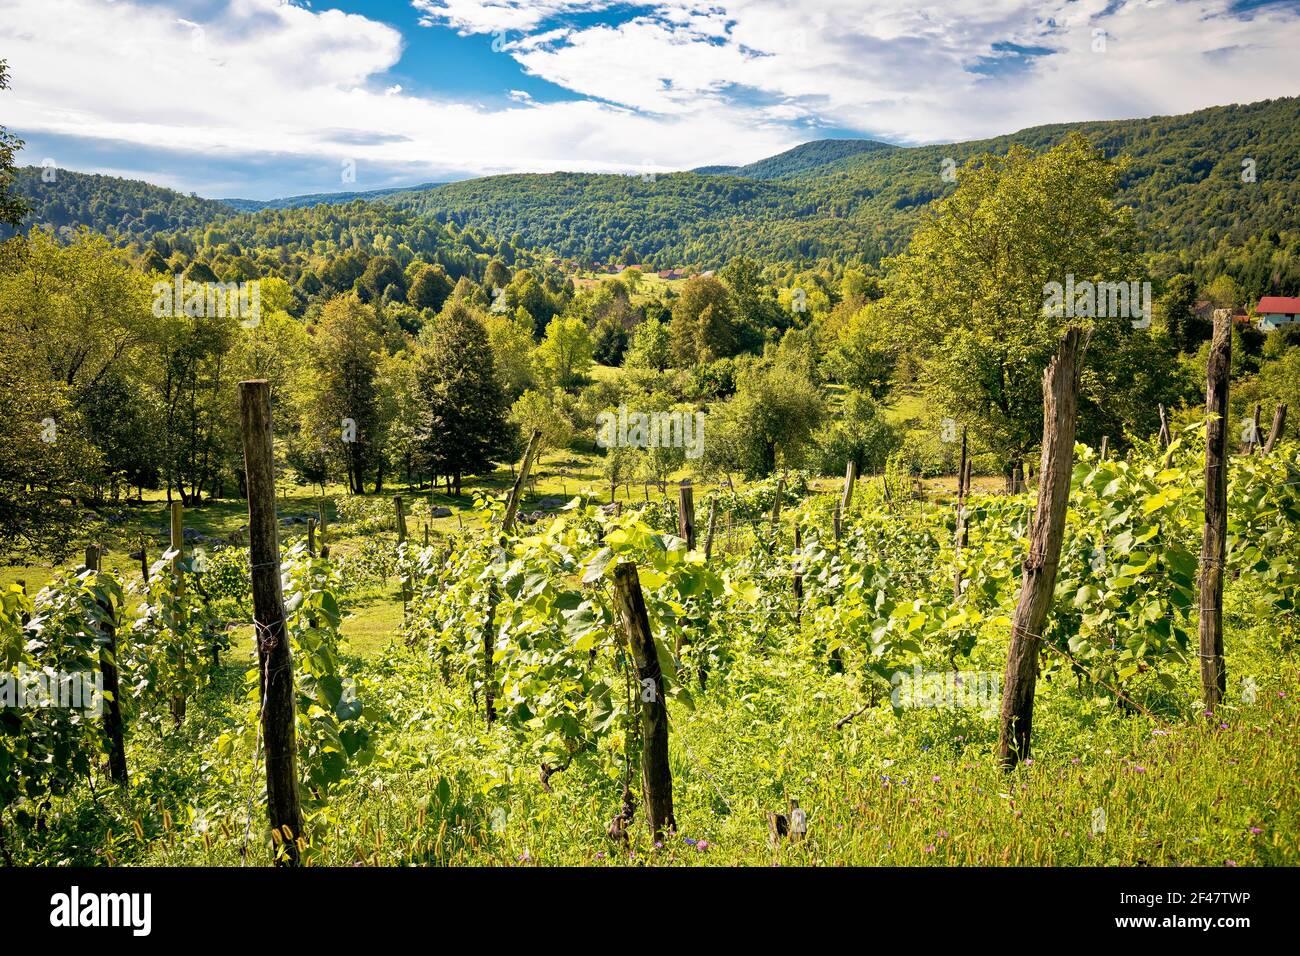 Viñedos y paisaje verde de la región montañosa de Gorski Kotar, en el centro de Croacia Foto de stock